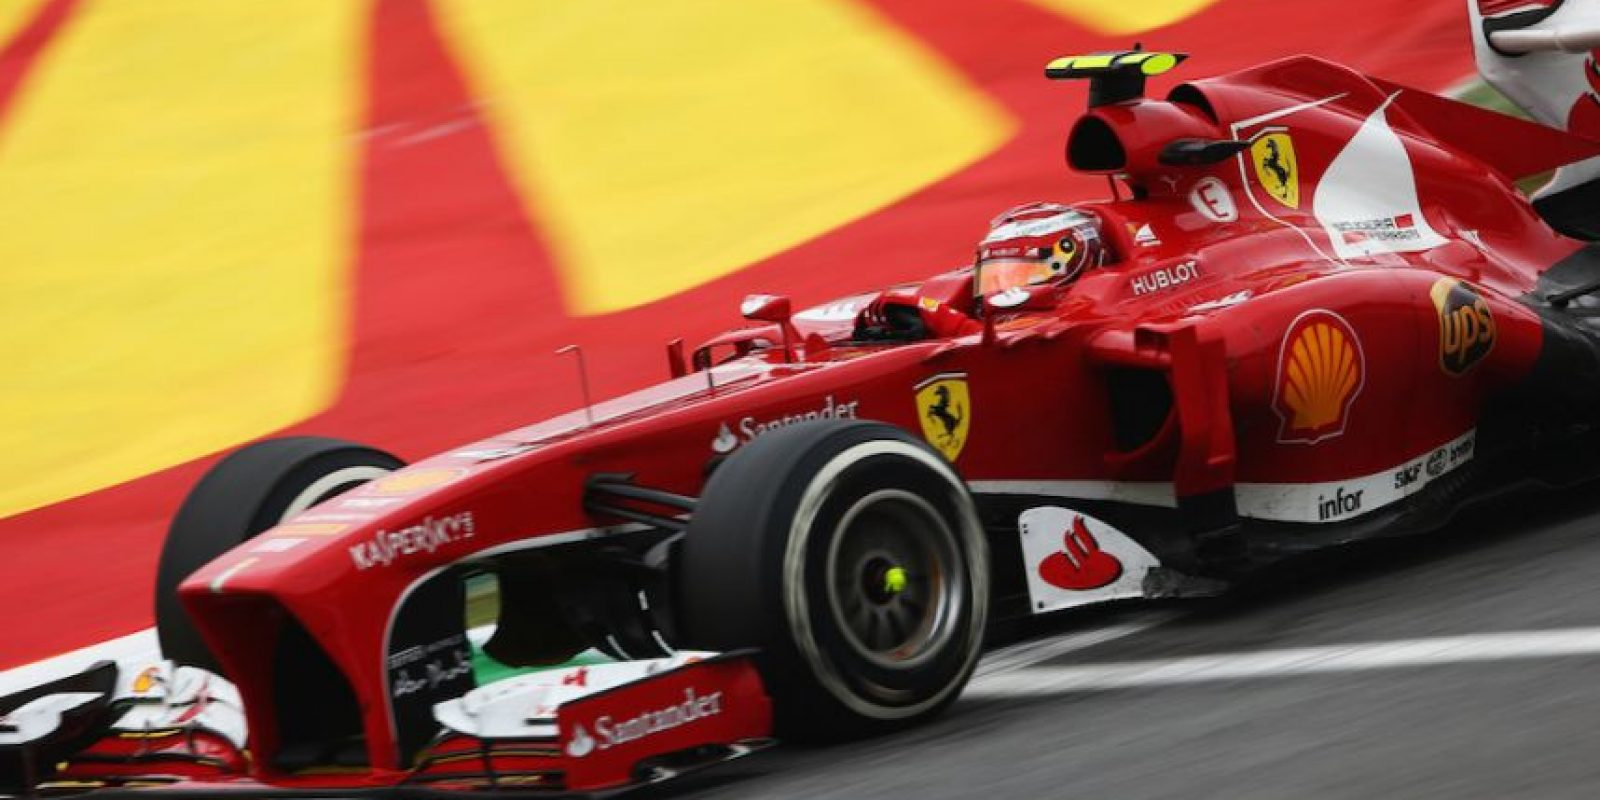 Tras ser bicampeón con la escudería Renault, Alonso llegó a Ferrari con muchas expectativas. Foto:Getty Images